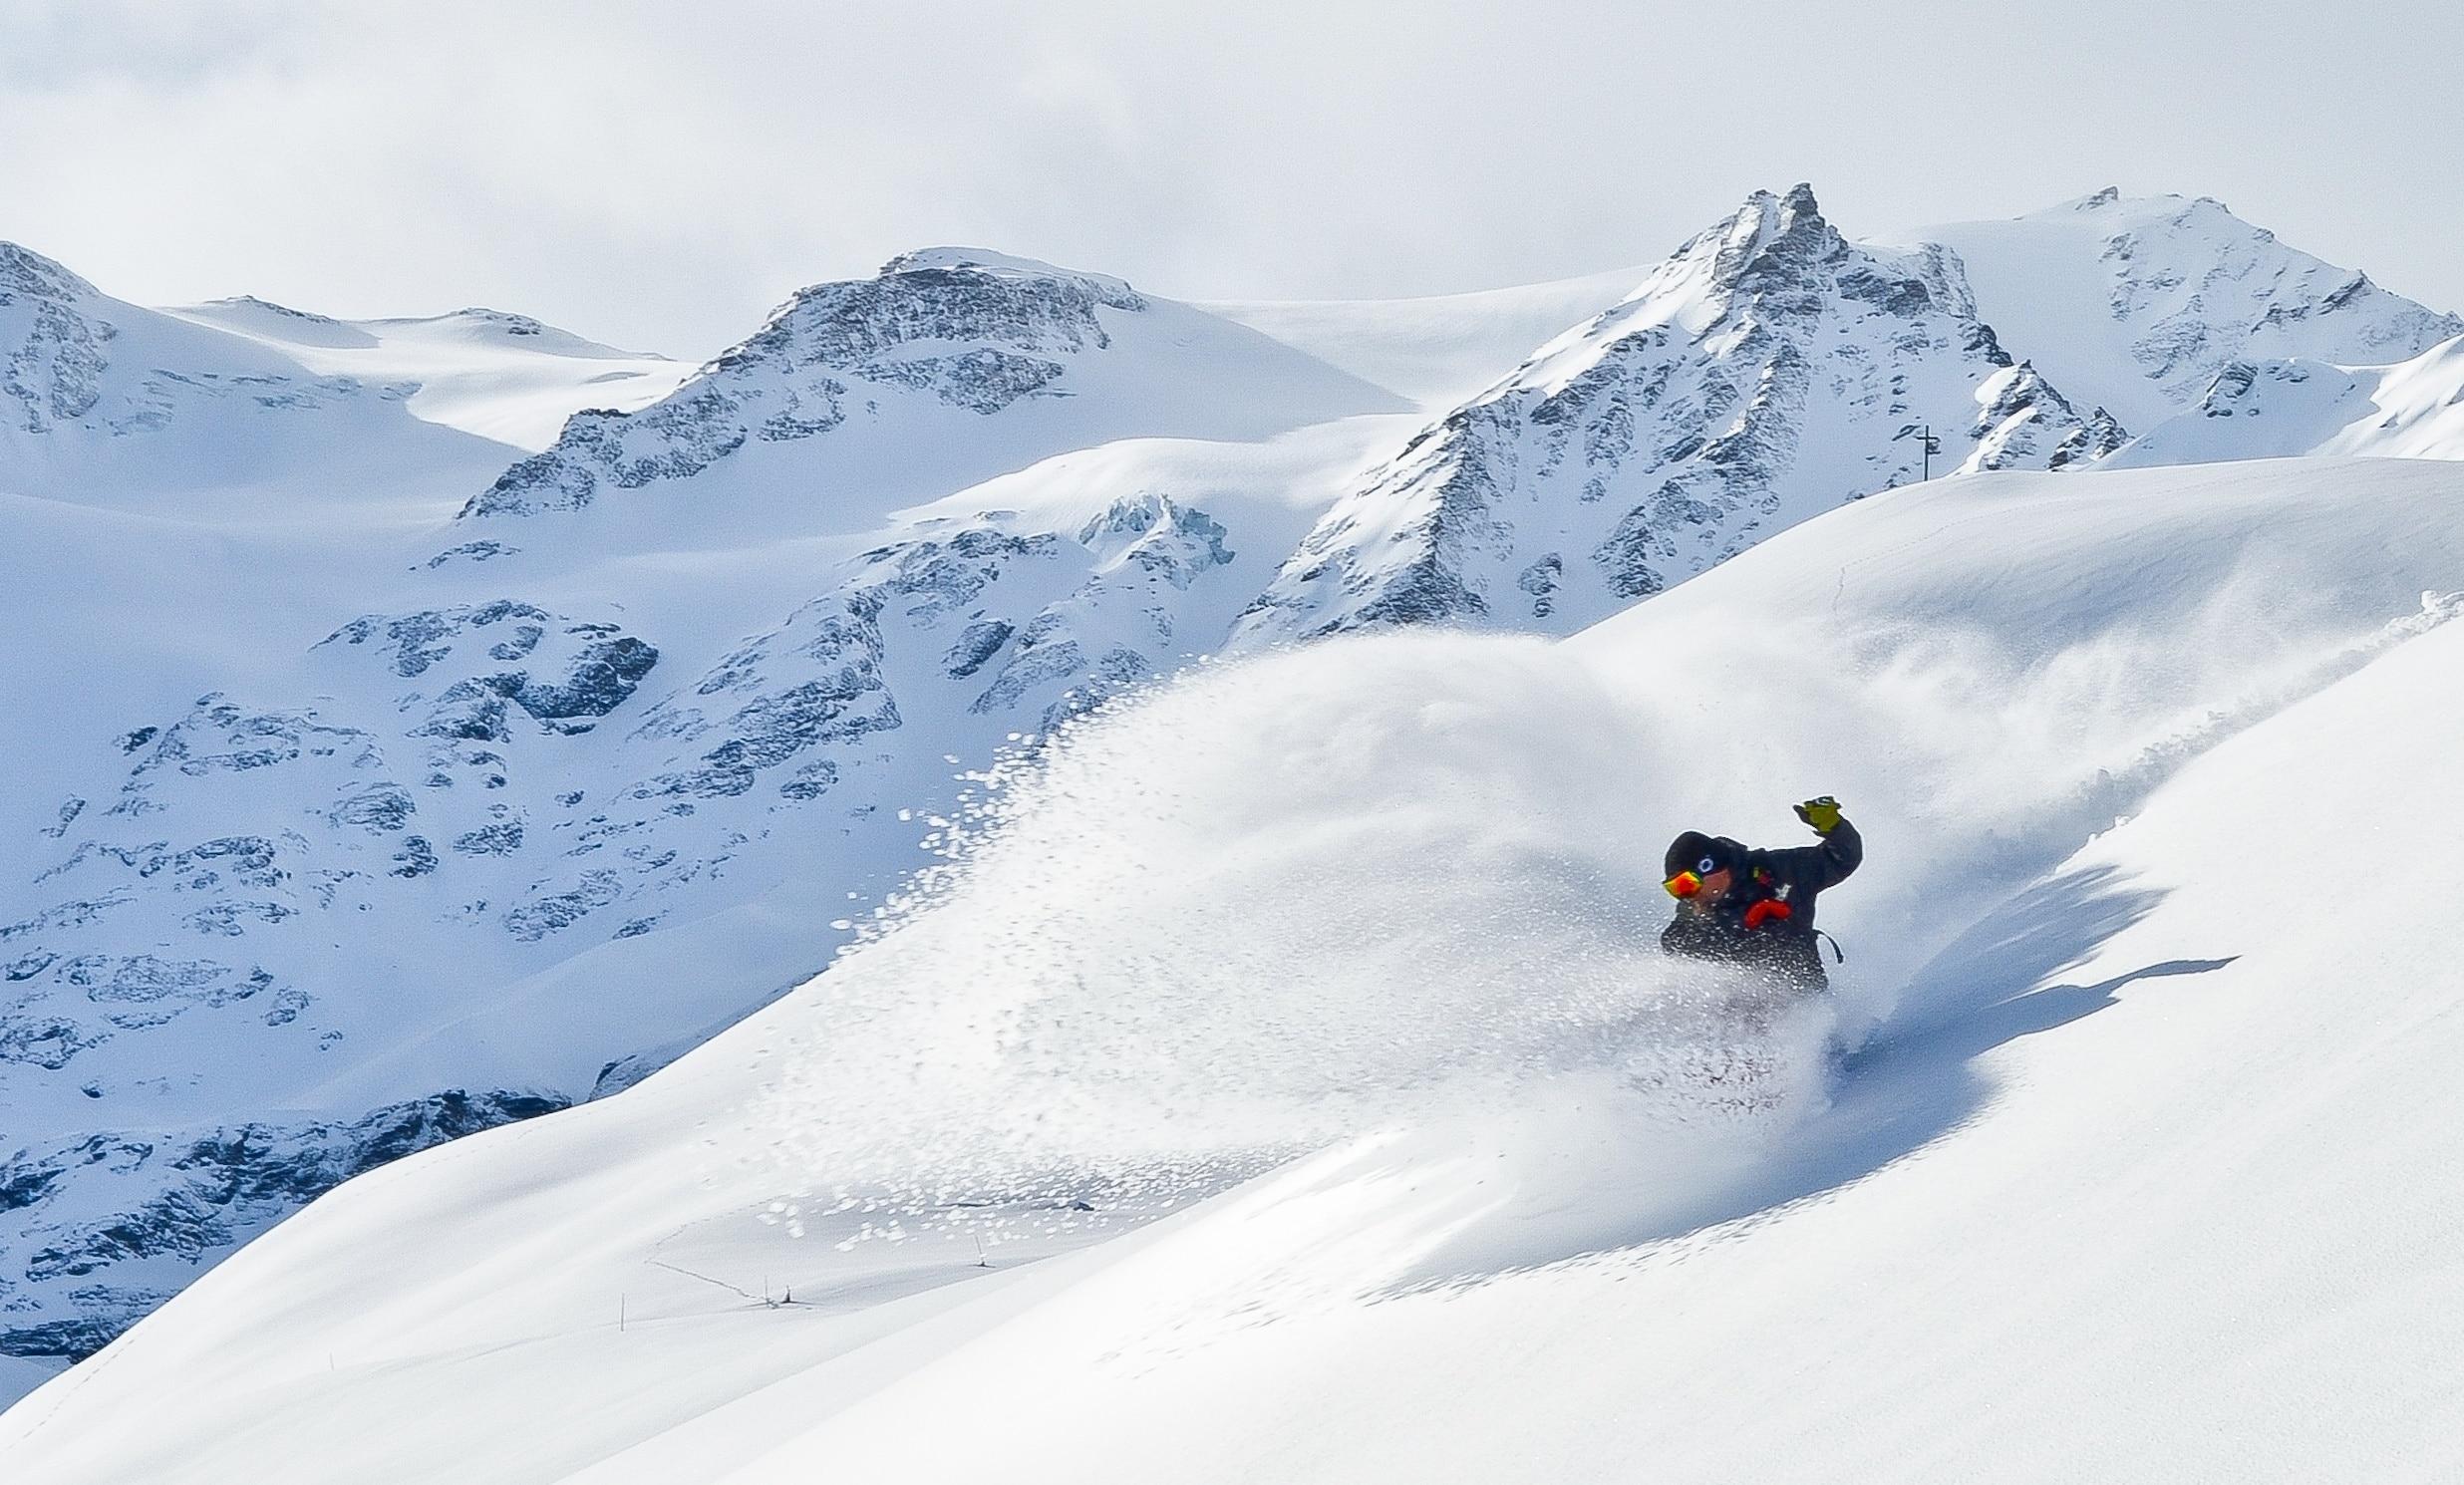 Mit h2o-tours ab in die Berge – Die 5 besten Skitrips ab Mannheim von unserem Partner